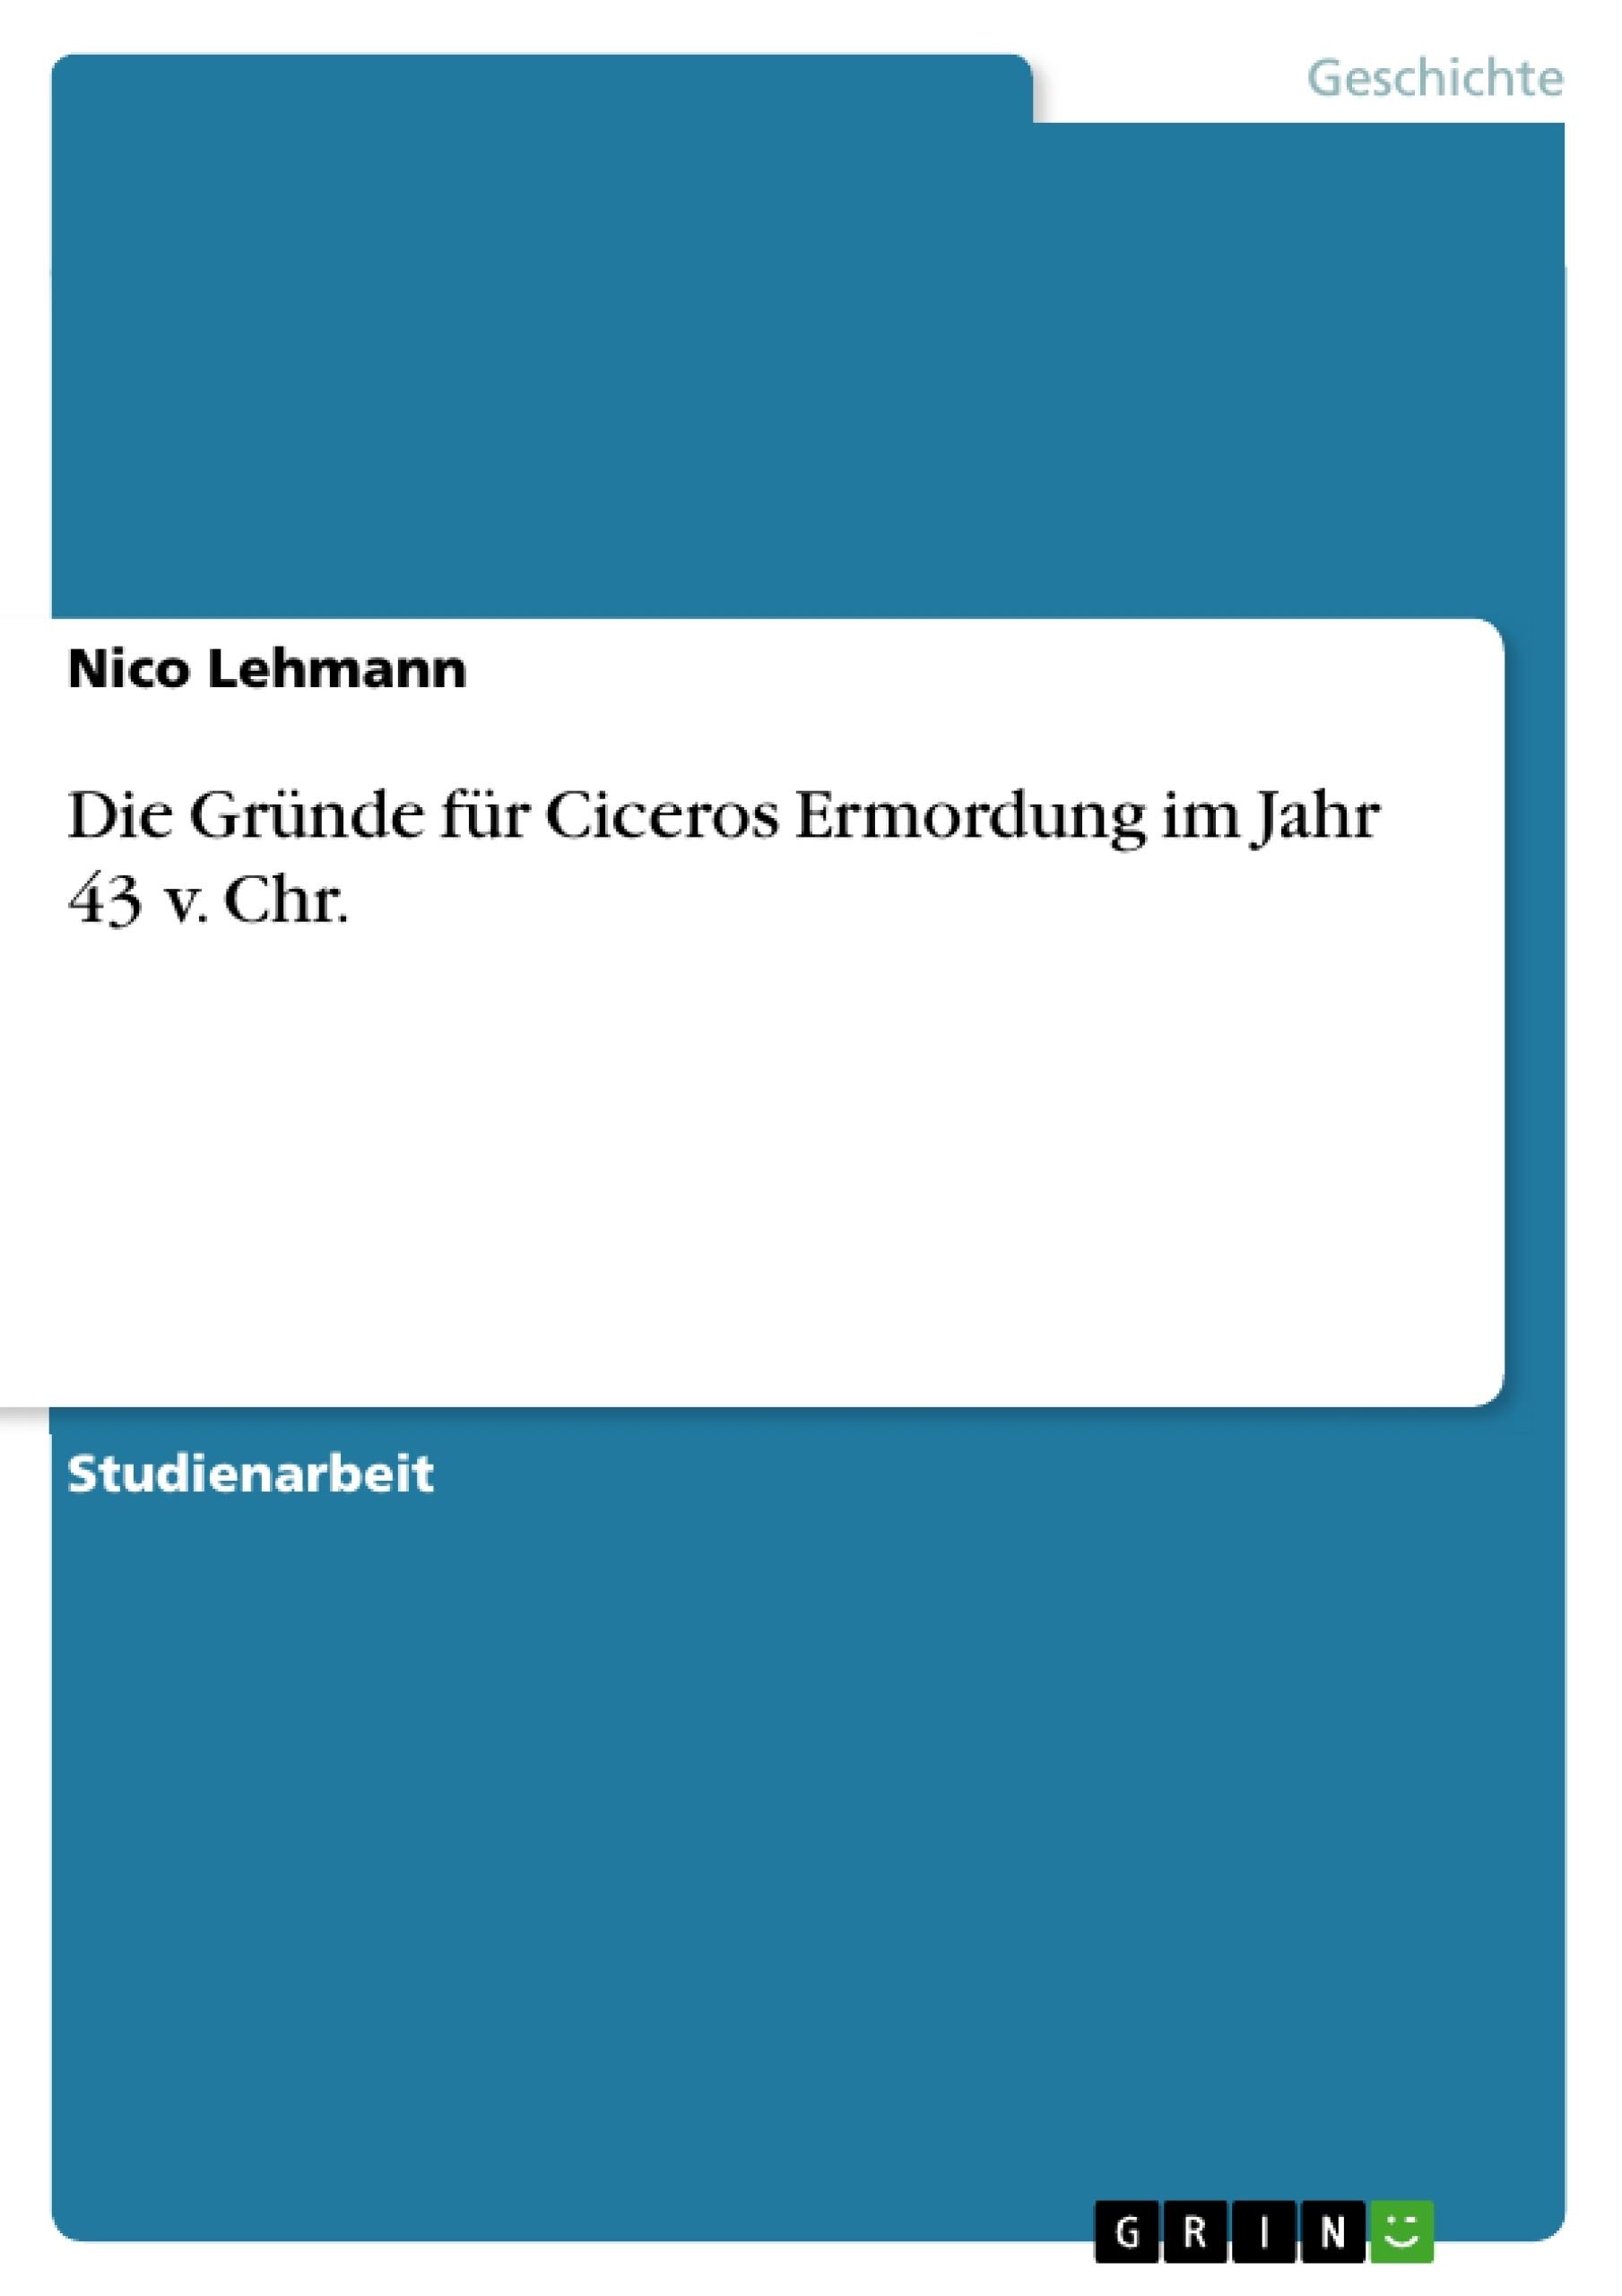 Titel: Die Gründe für Ciceros Ermordung im Jahr 43 v. Chr.